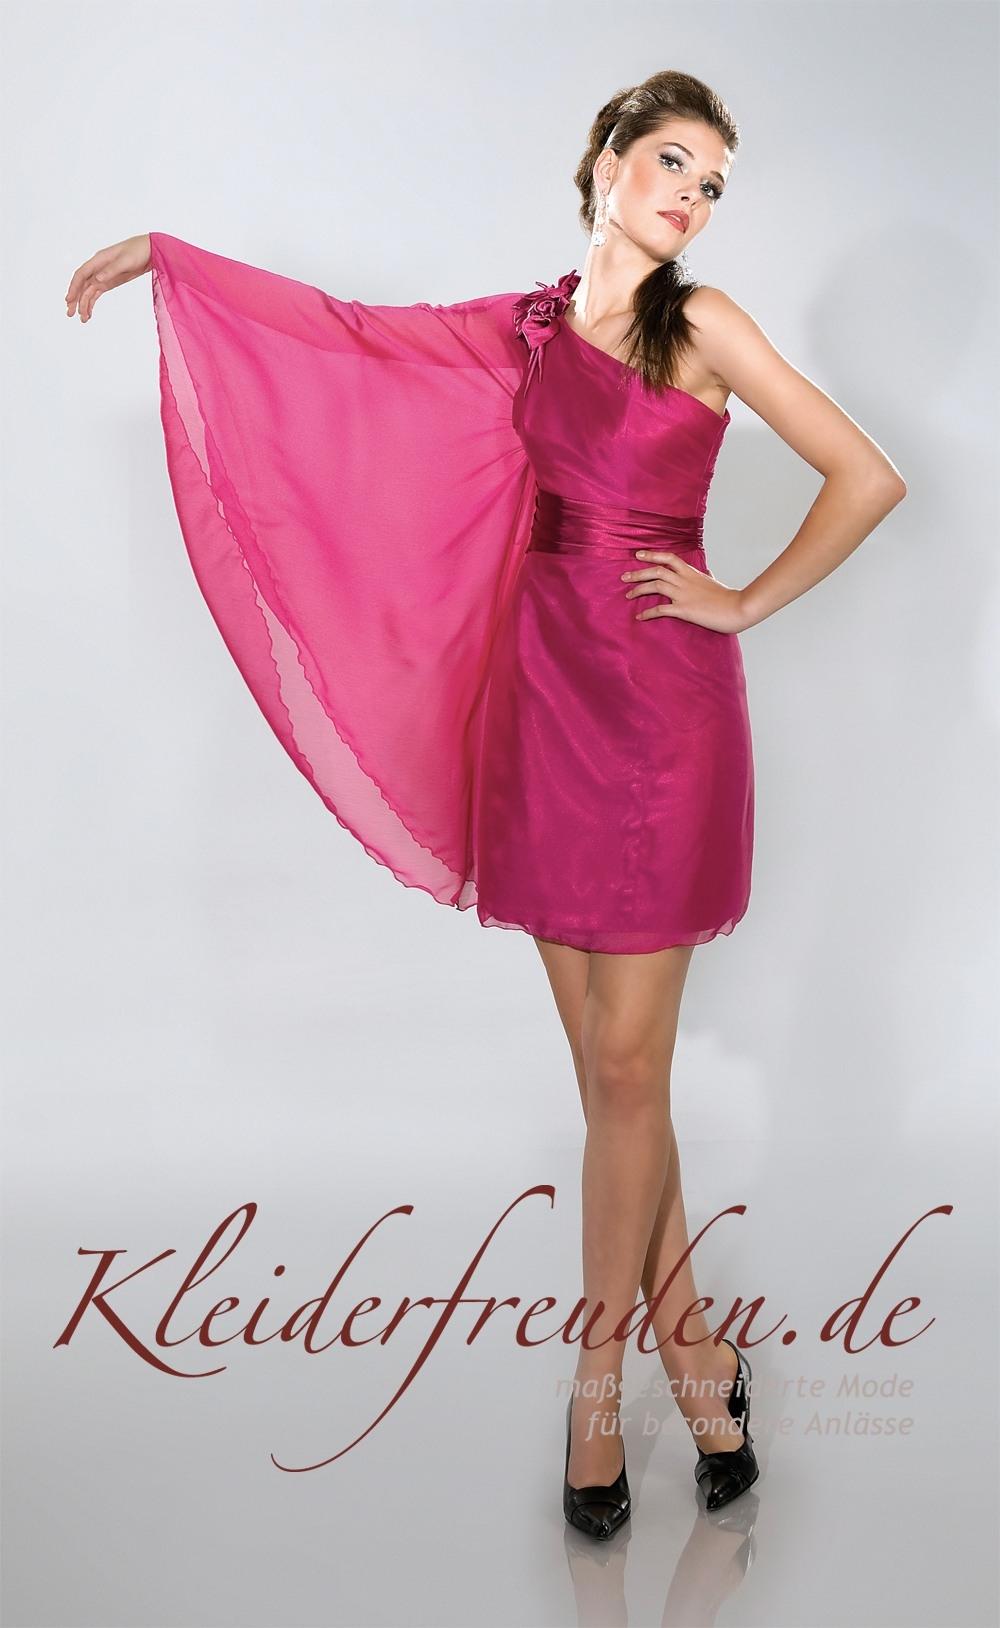 designer-coolste-tolle-kleider-fur-hochzeitsgaste-stylish